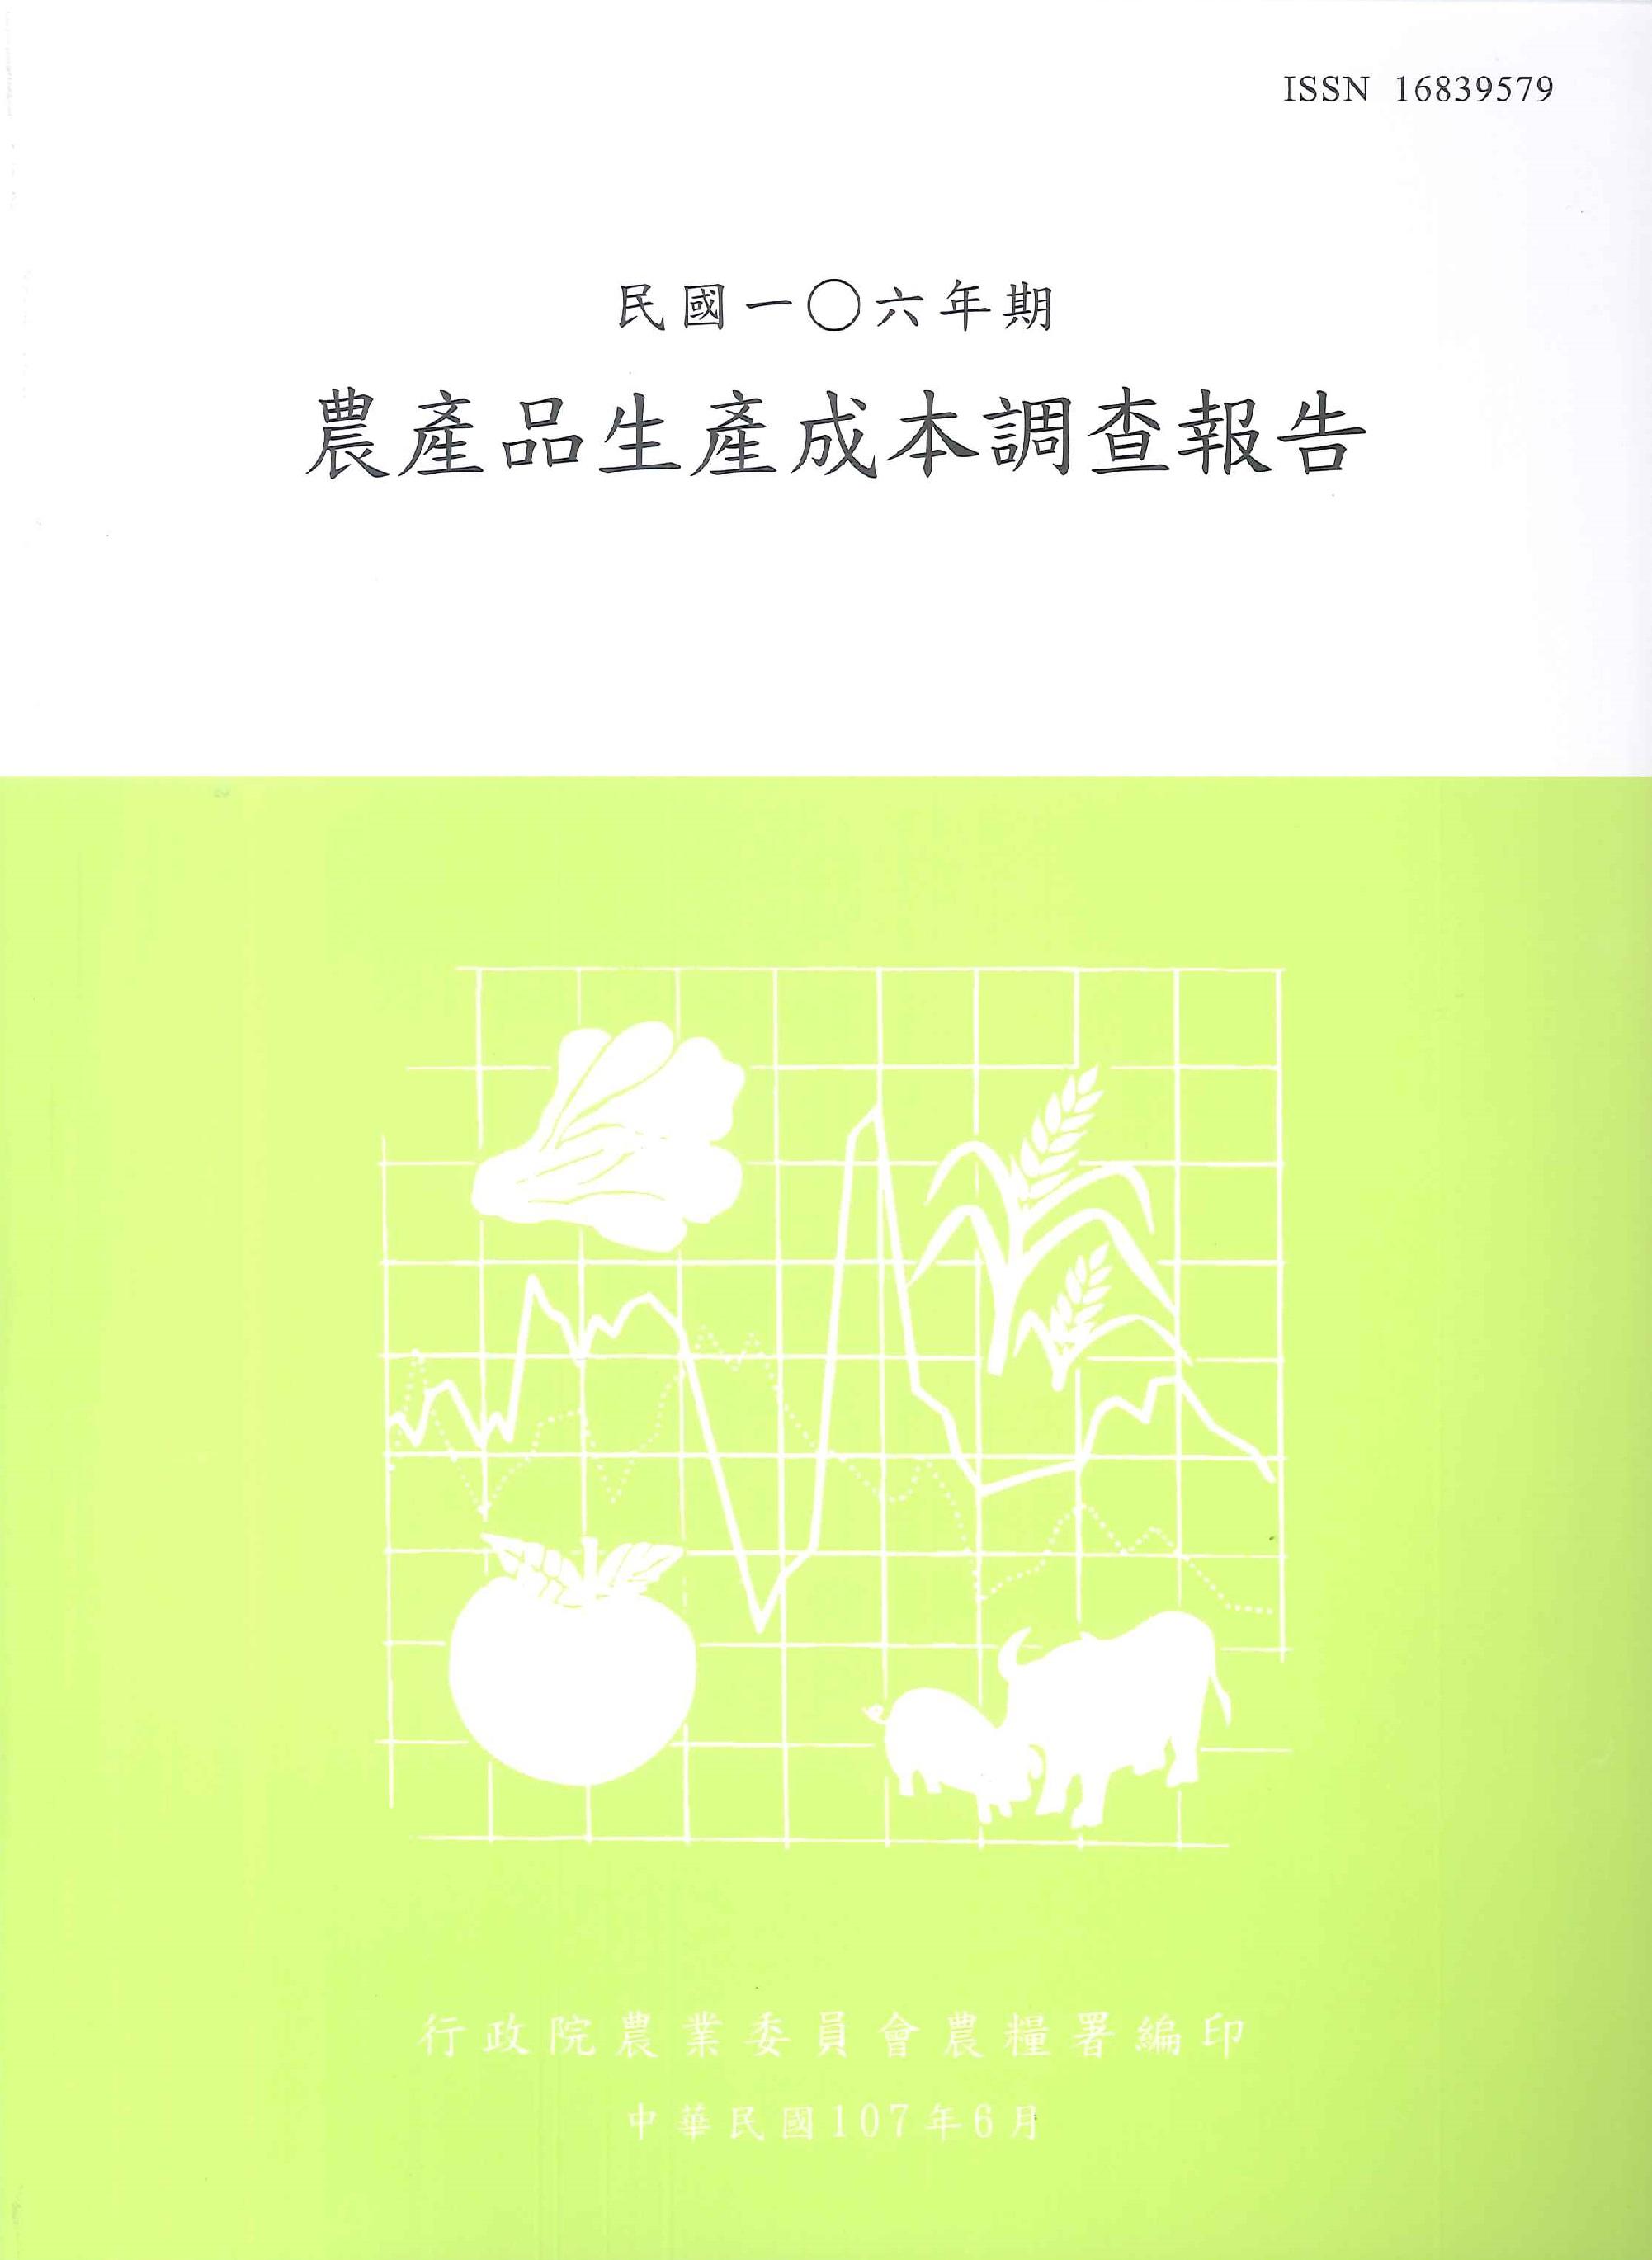 農產品生產成本調查報告